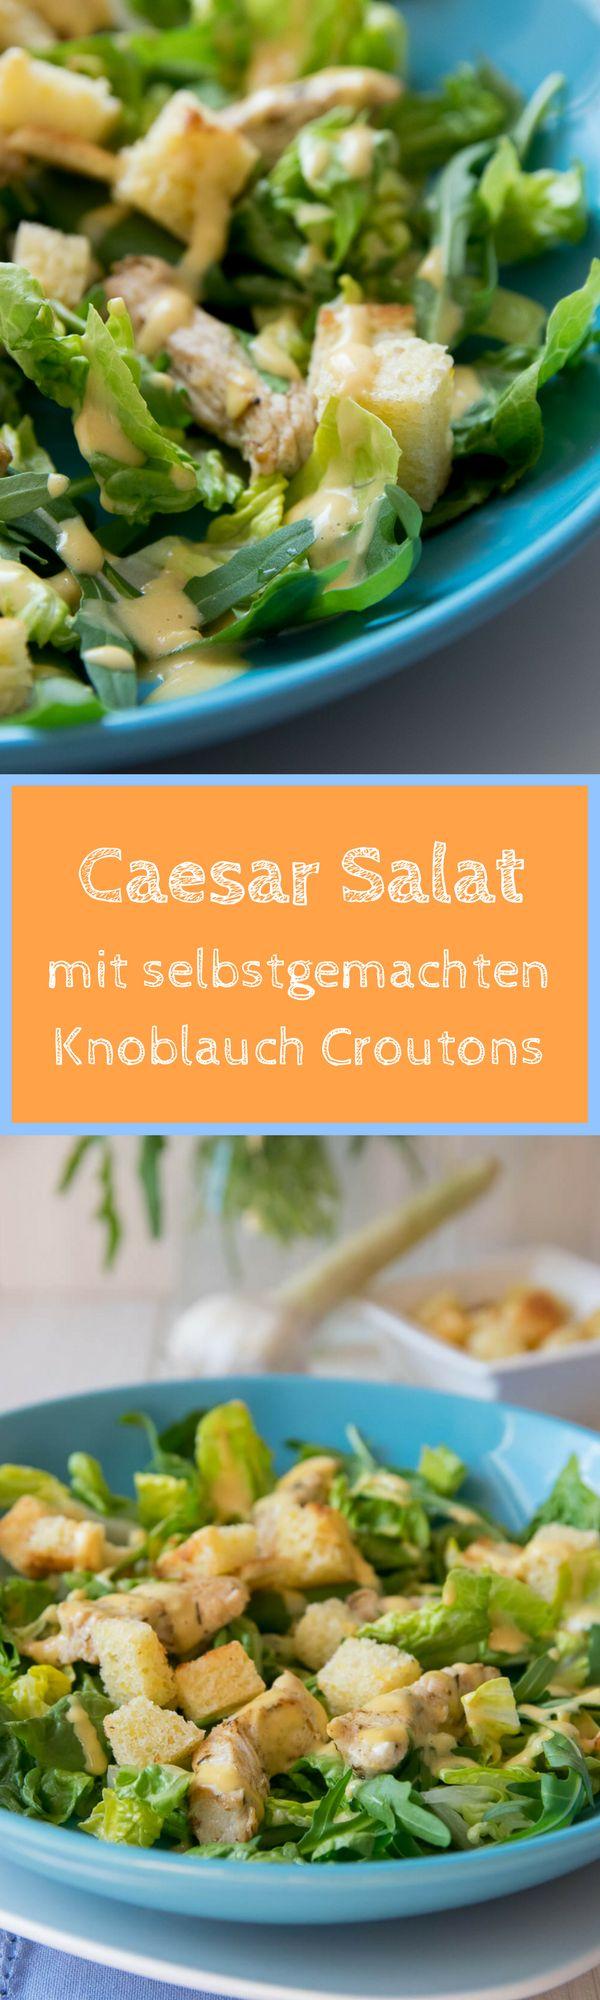 Super leckerer Salat mit Caesar Dressing und selbstgemachten Knoblauch Croutons